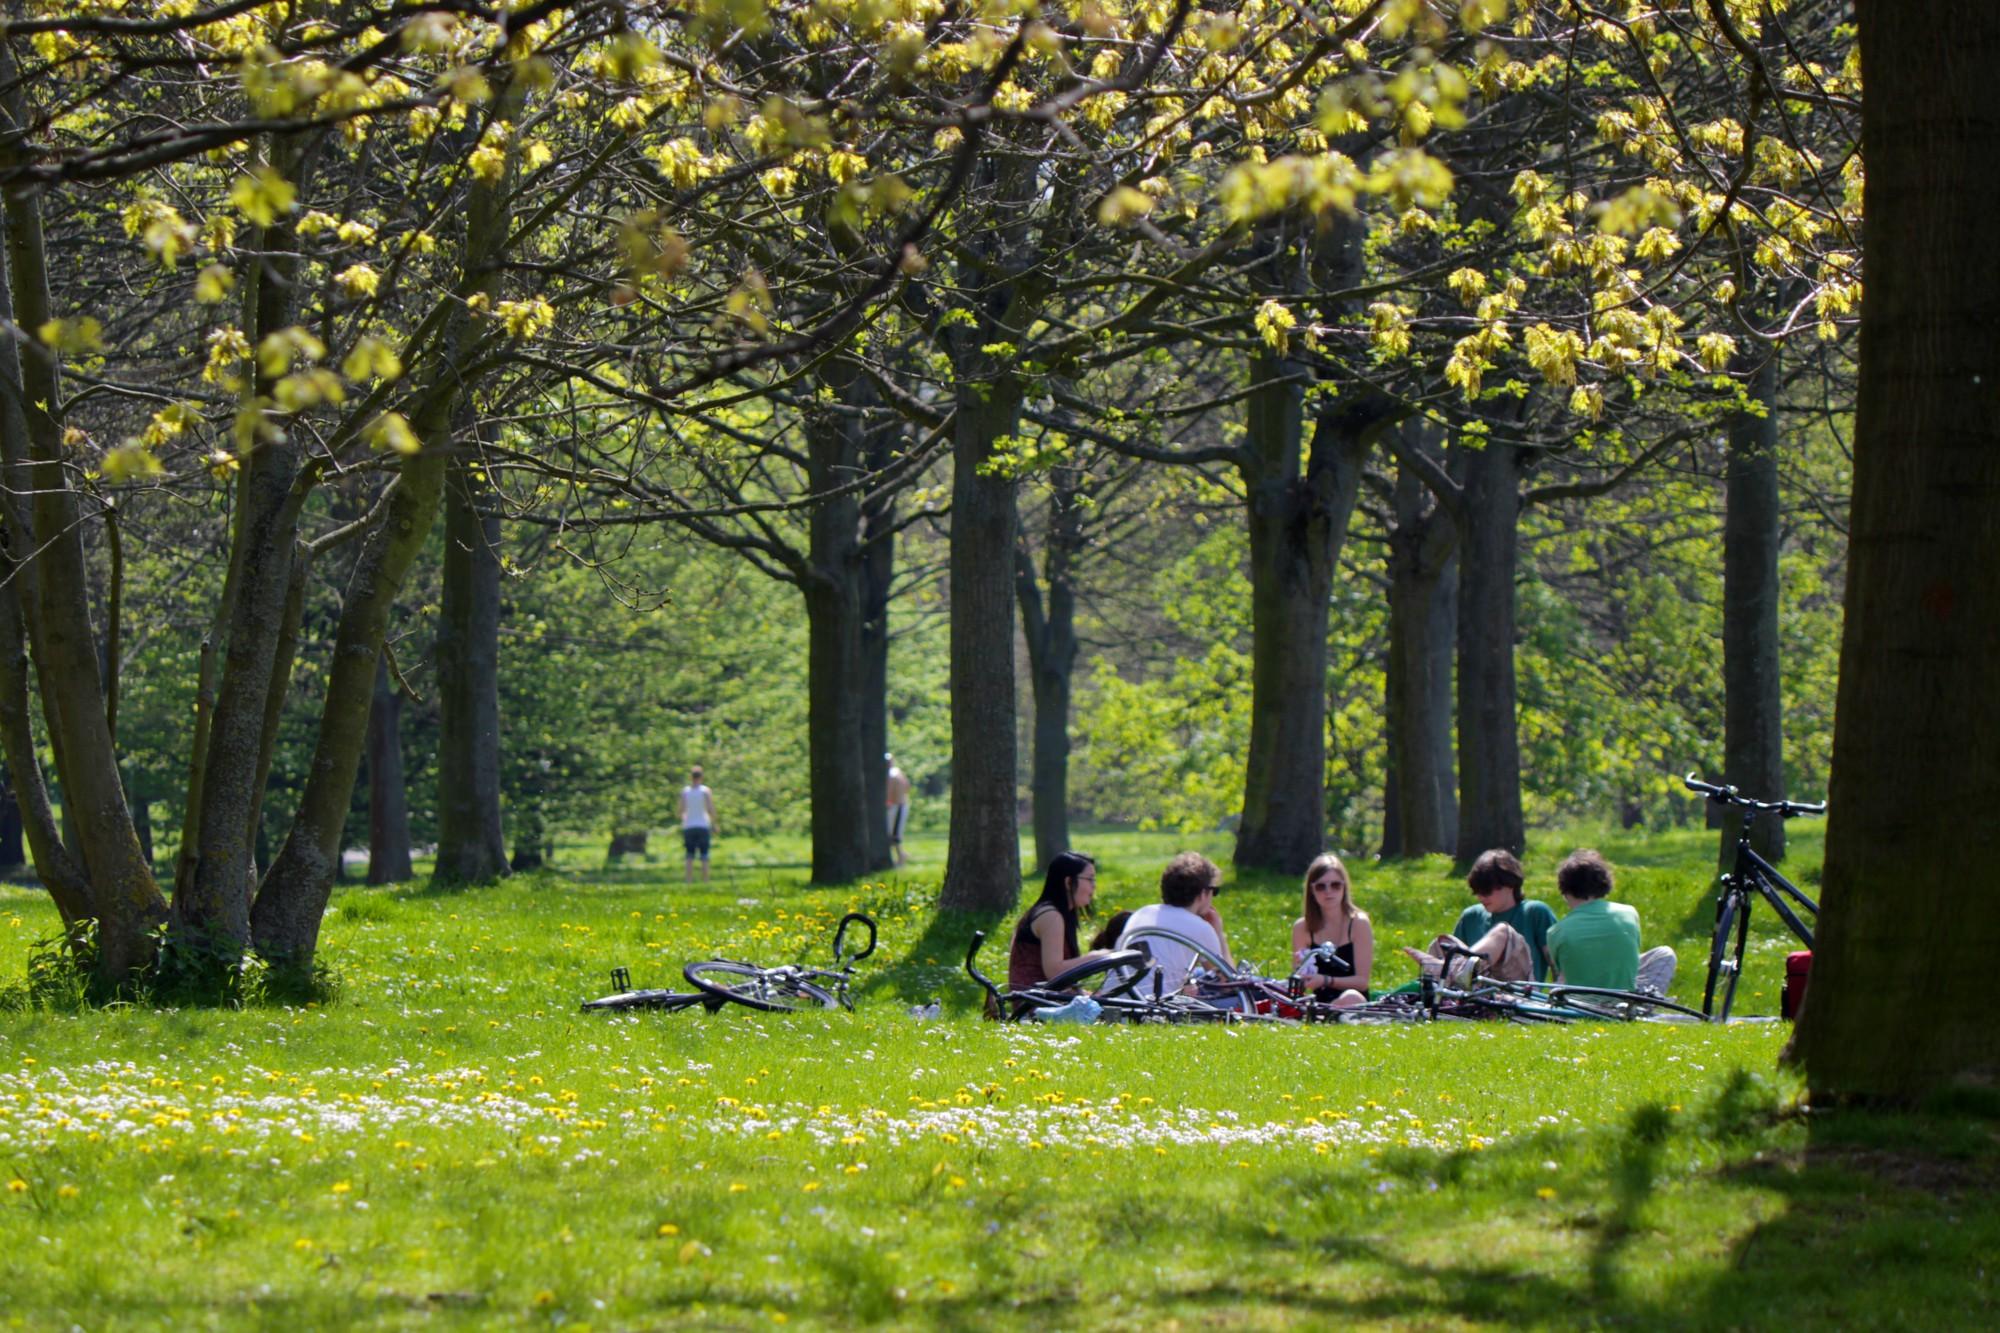 Bei warmen Temperaturen kann man im Bürgerpark spazieren, aber auch wunderbar picknicken. Foto: BSM/Gerald Grote